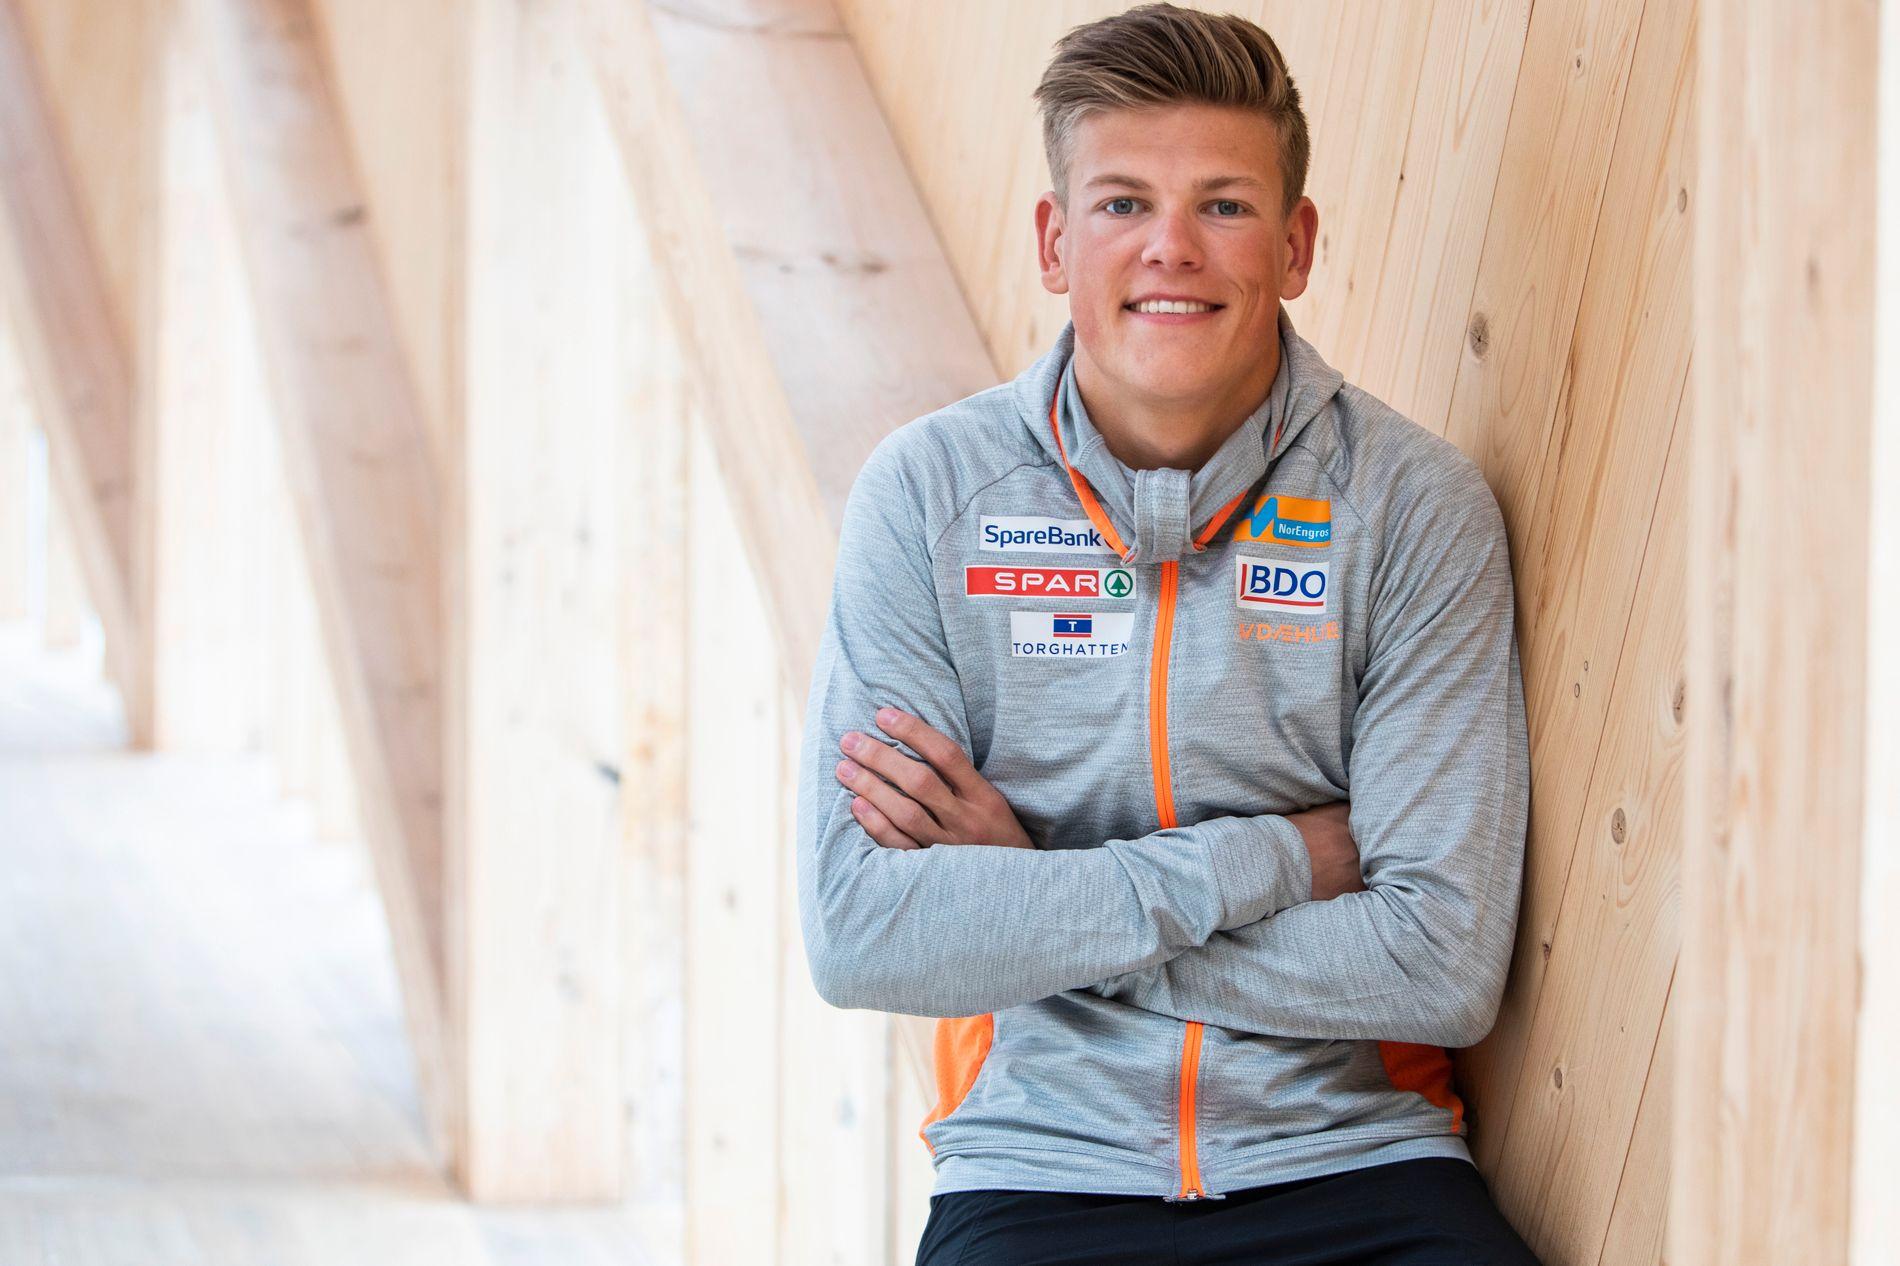 GULL-GUTT: Johannes Høsflot Klæbo tok tre VM-gull i Seefeld og tok verdenscupen sammenlagt forrige sesong. Her er han på samling på Sognefjellet i begynnelsen av mai.